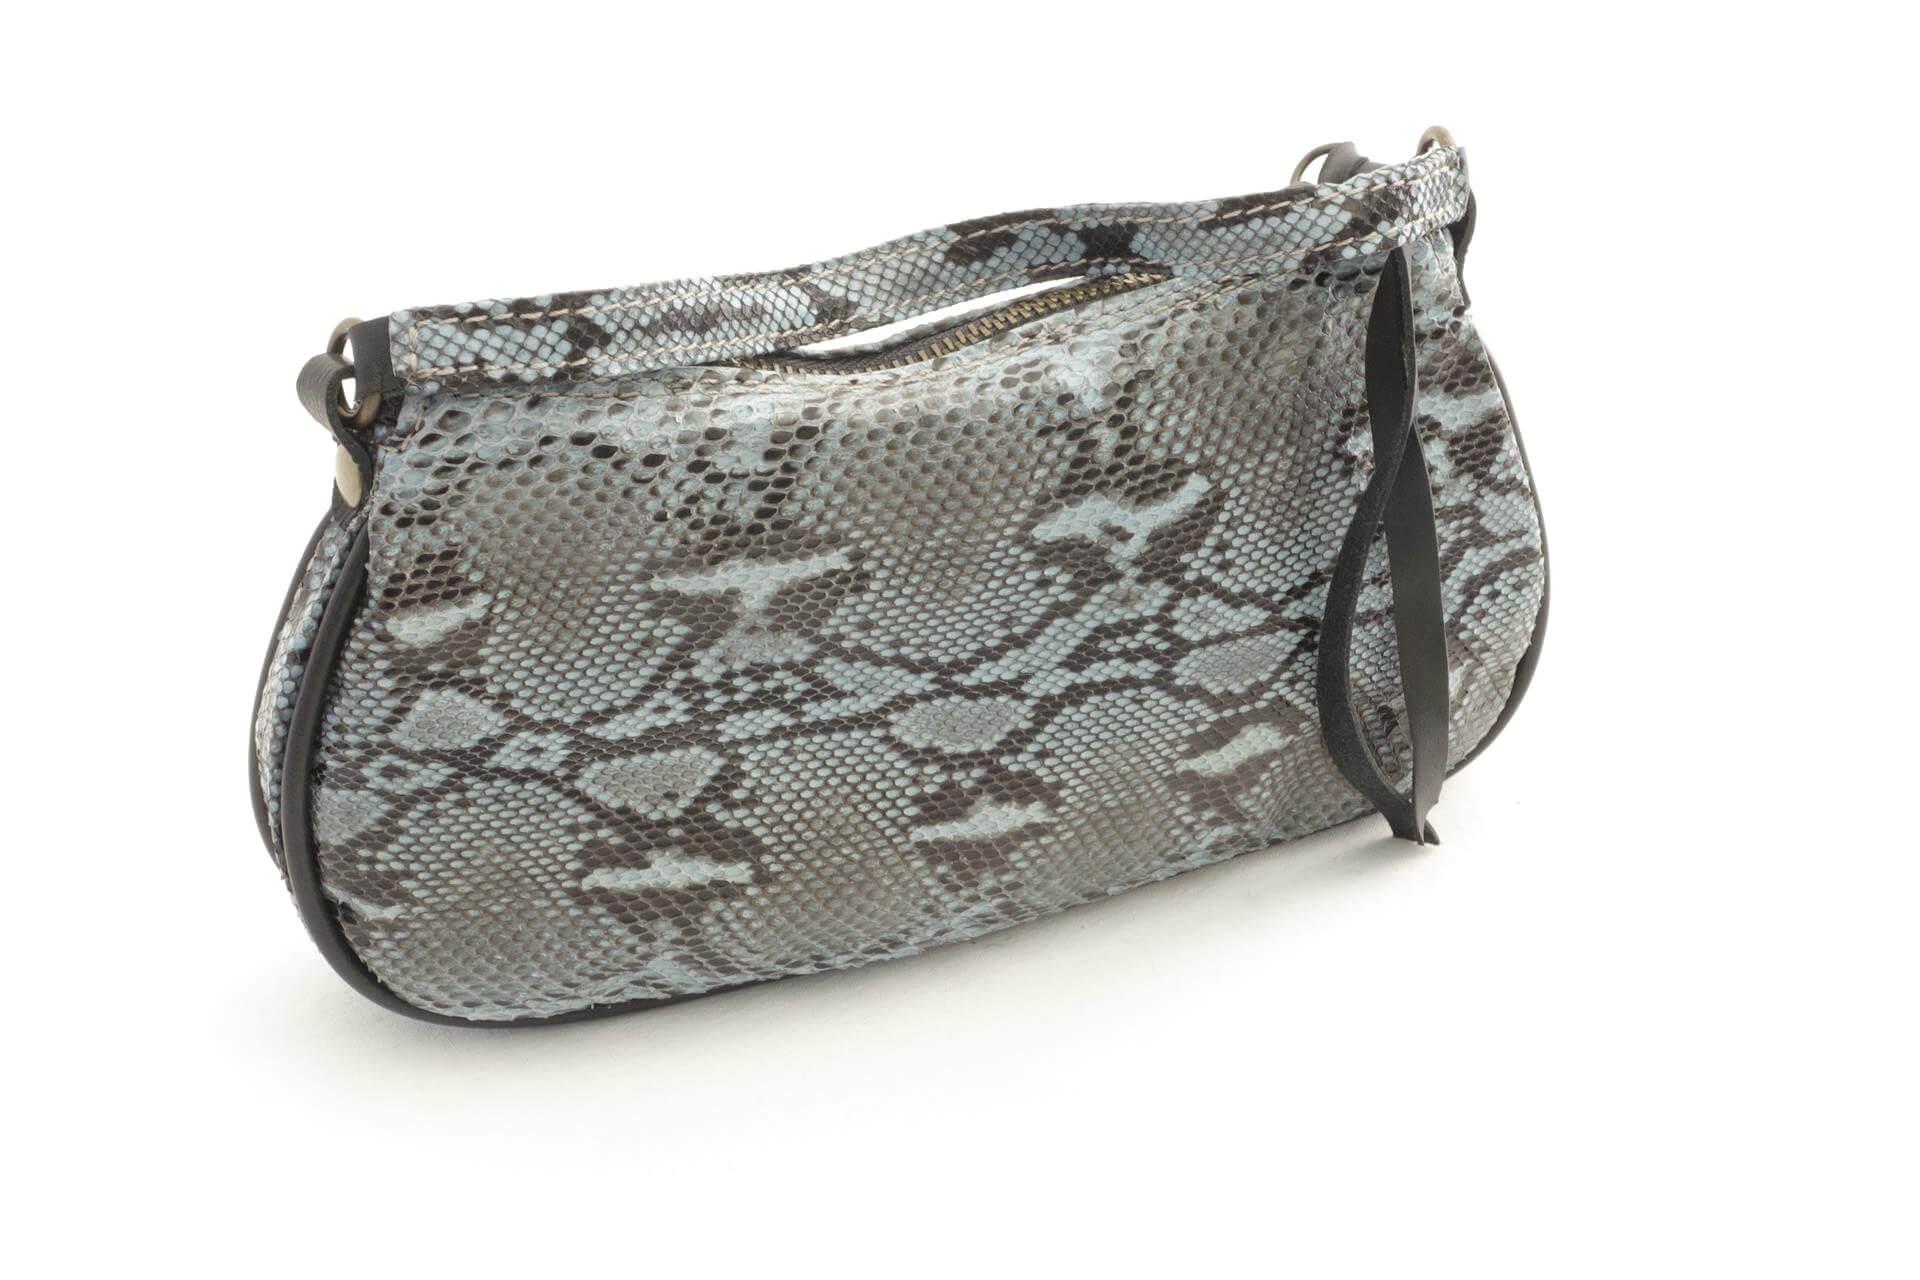 a9ca6ff4769 Women s clutch bag